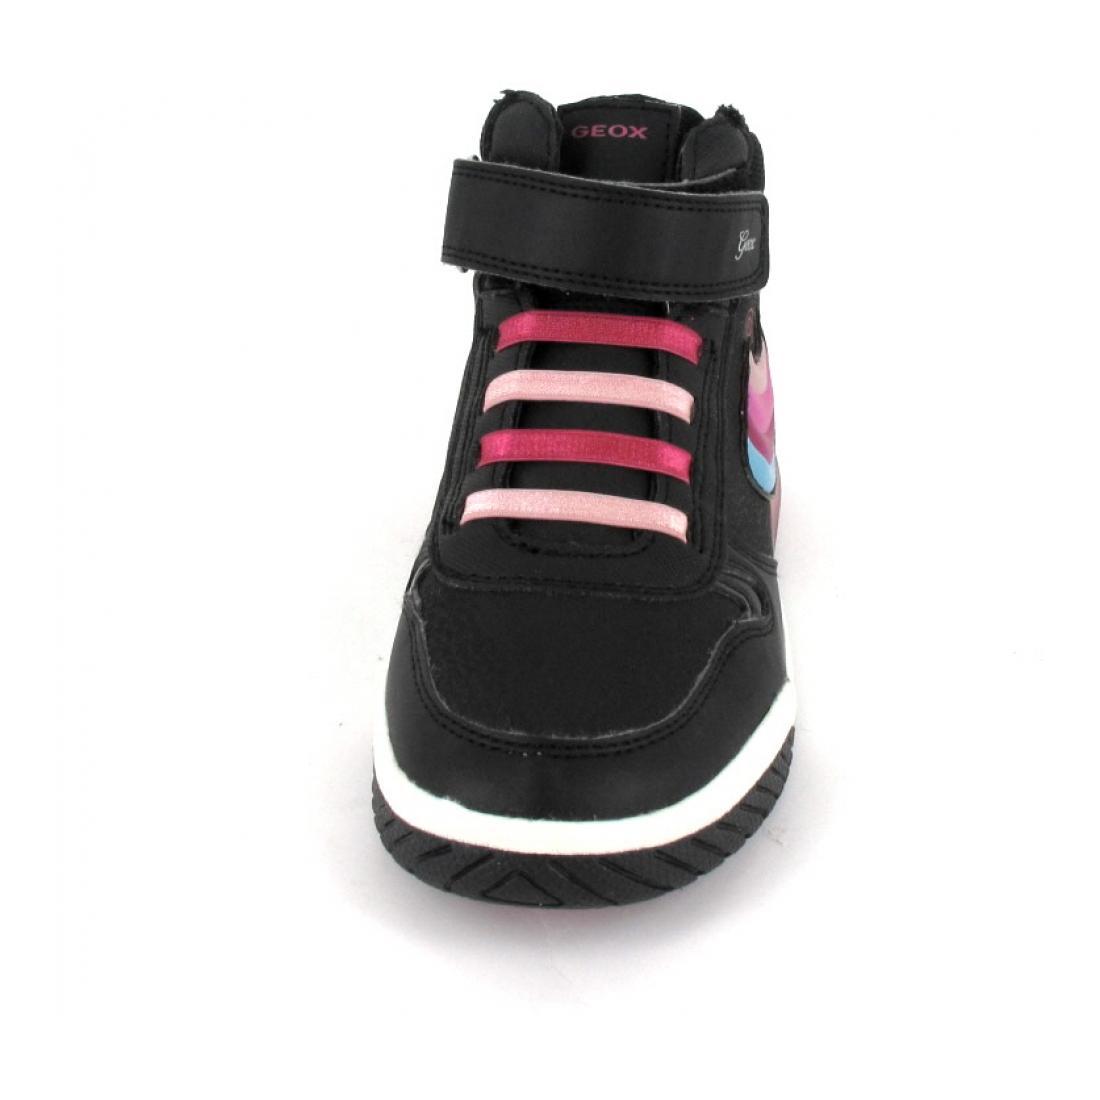 Geox Sneaker high | Schuh Welt Wo Markenschuhe günstig sind